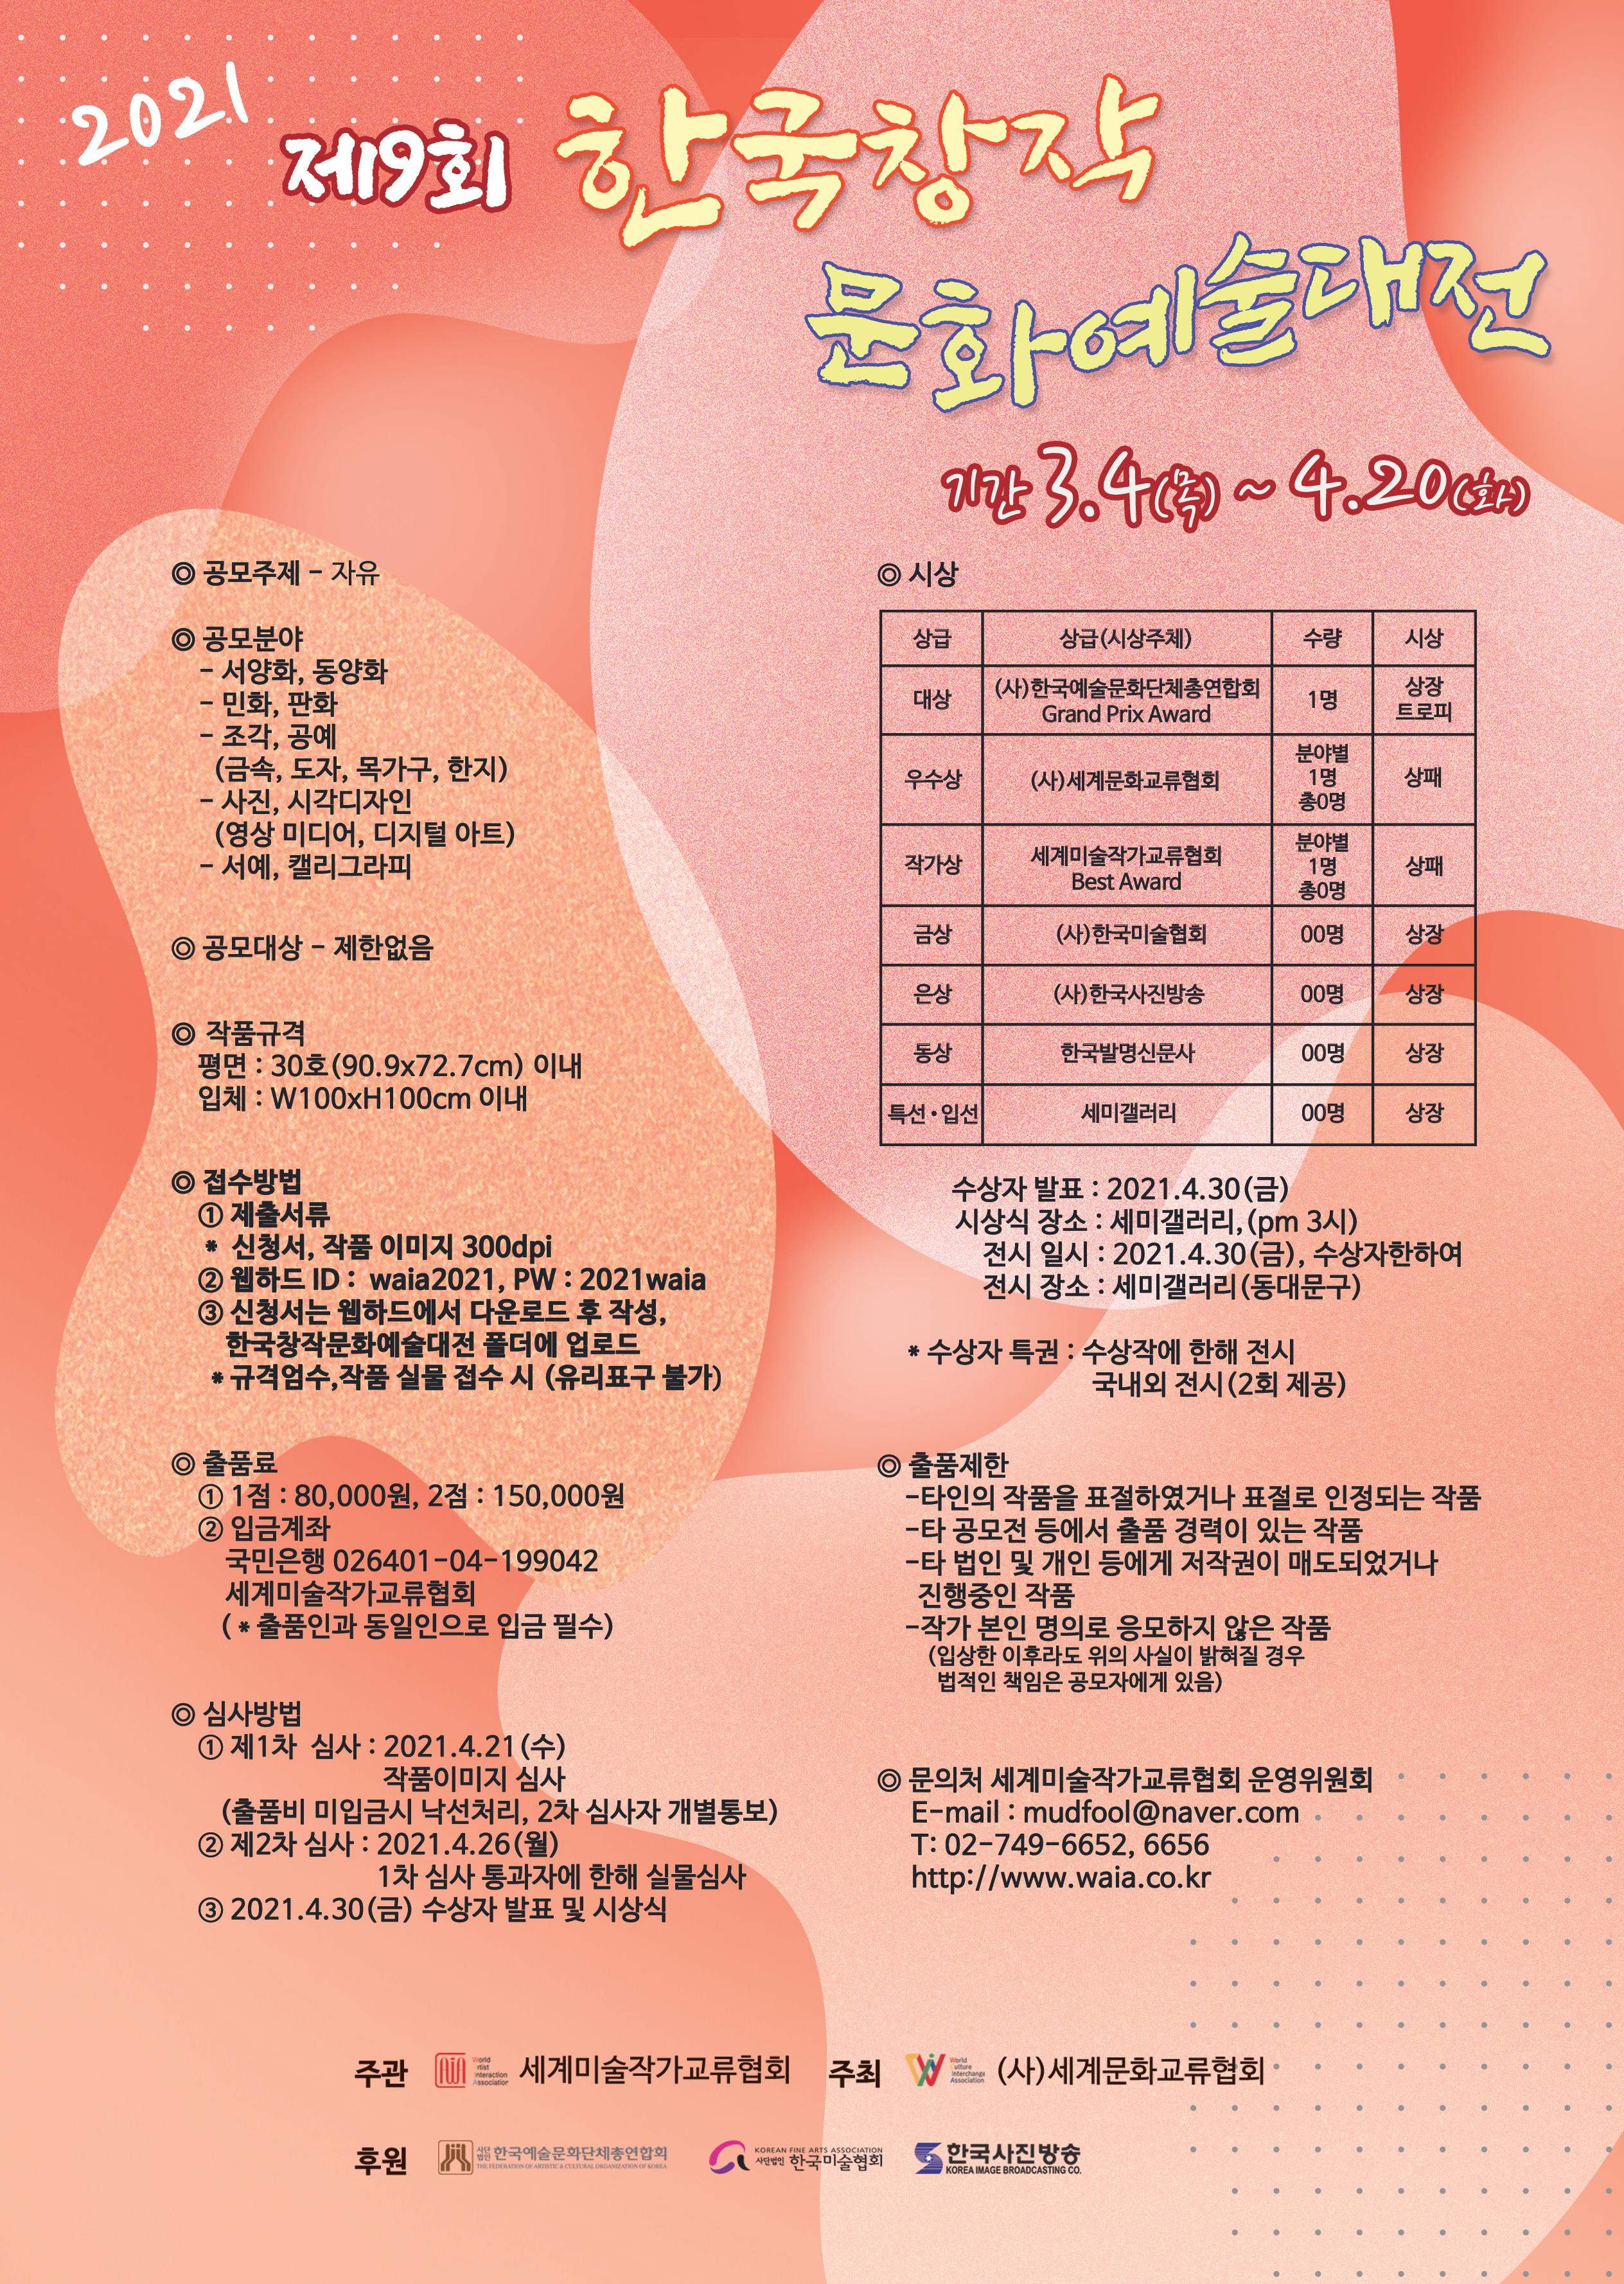 2021_한국창작문화예술대전_공모전.jpg